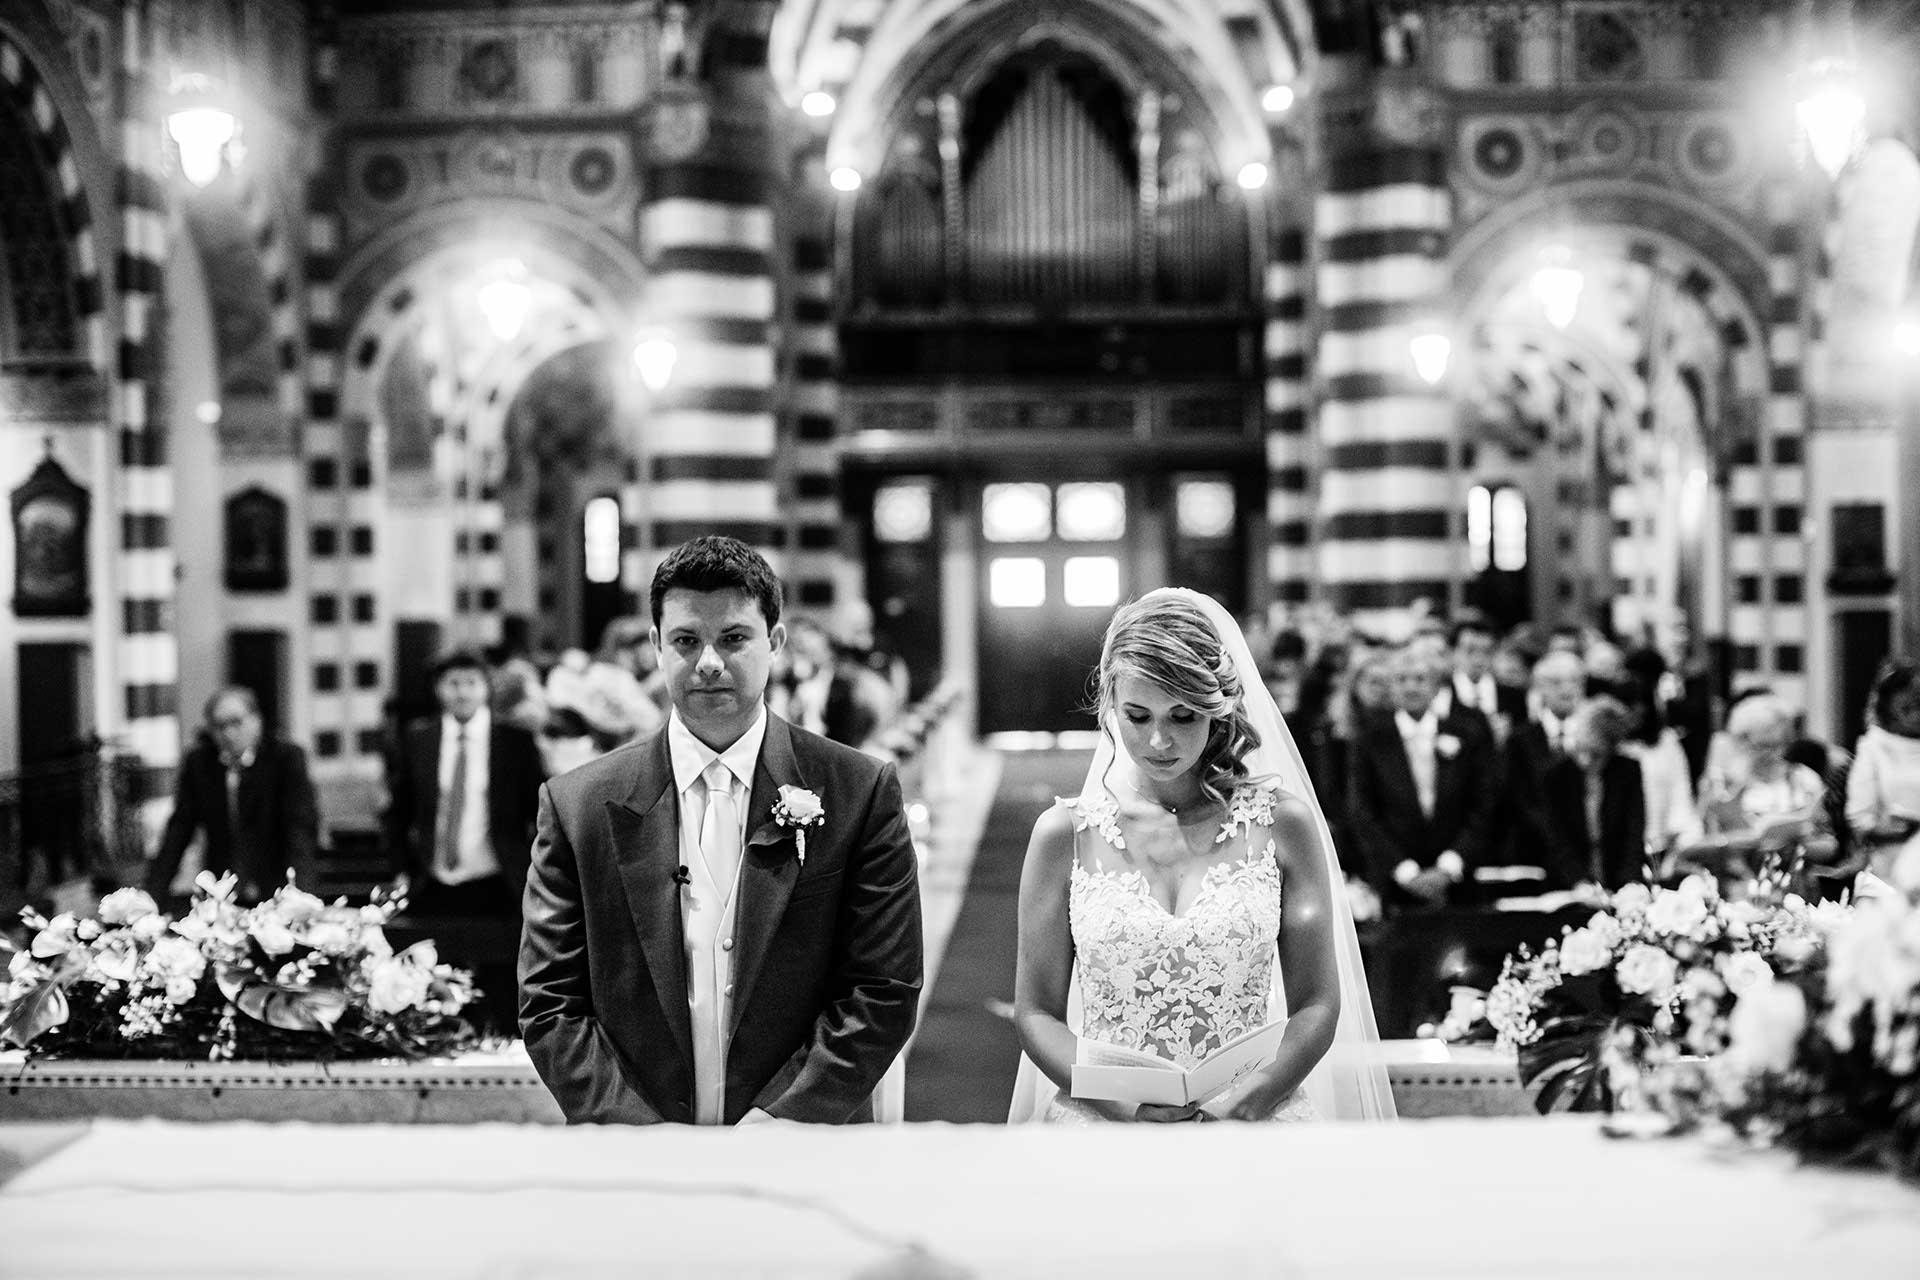 sposi altare cerimonia invitati chiesa bianco nero